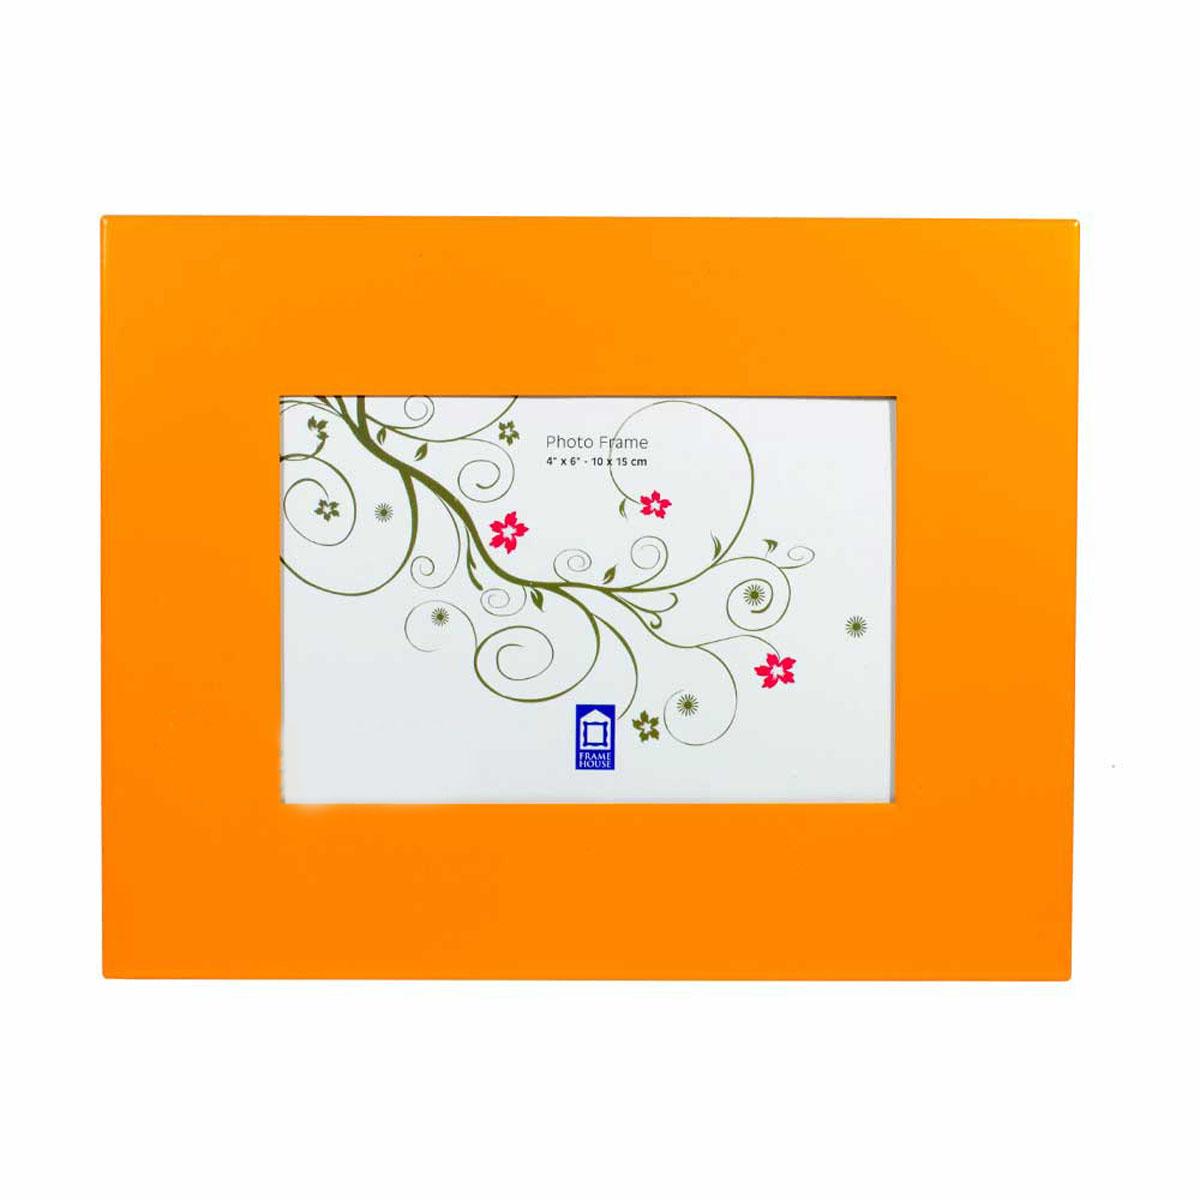 Фоторамка PATA, цвет: оранжевый, 10 x 15 см25051 7_зеленыйФоторамка PATA - прекрасный способ красиво оформить фотографию. Фоторамка выполнена из металла, покрытого краской. Изделие можно поставить на стол с помощью специальной ножки или подвесить на стену, для чего с задней стороны предусмотрены отверстия. Такая фоторамка поможет сохранить на память самые яркие моменты вашей жизни, а стильный дизайн сделает ее прекрасным дополнением интерьера комнаты.